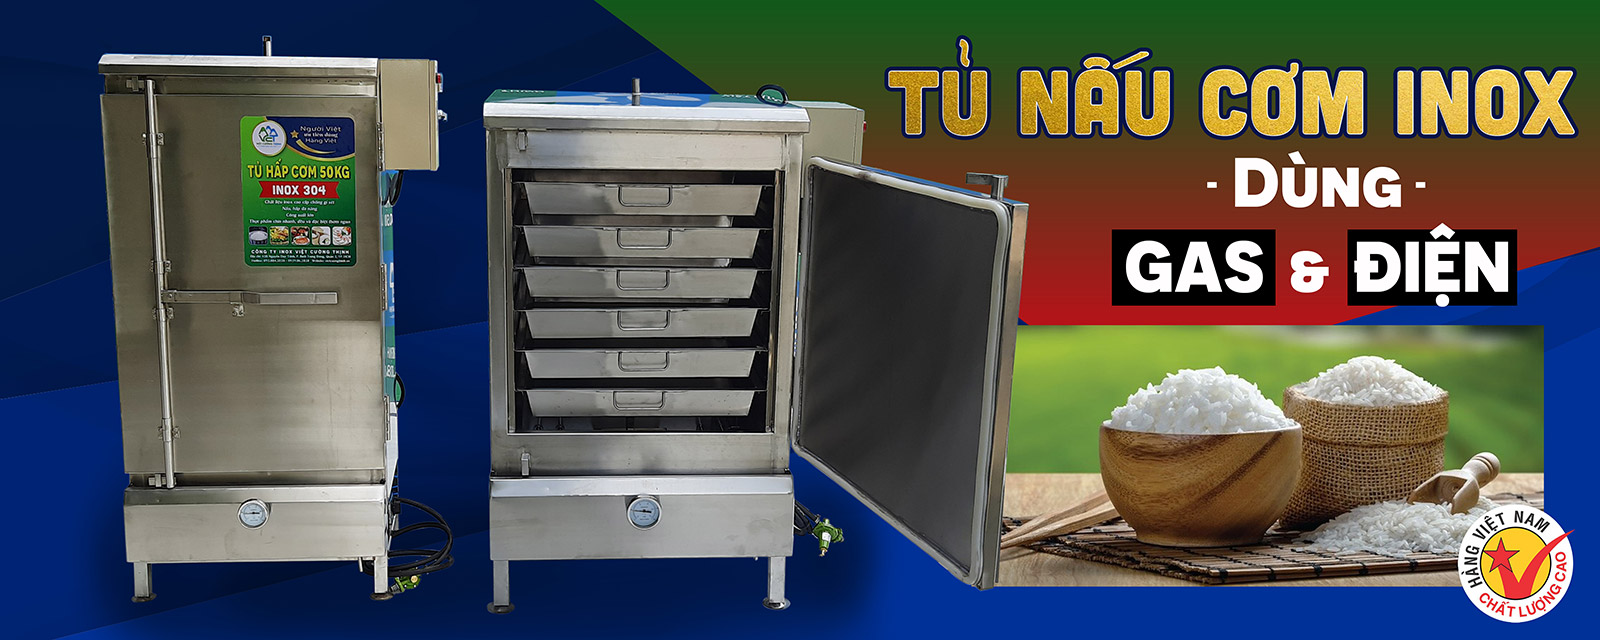 Tủ nấu cơm công nghiệp thương hiệu Việt Cường Thịnh